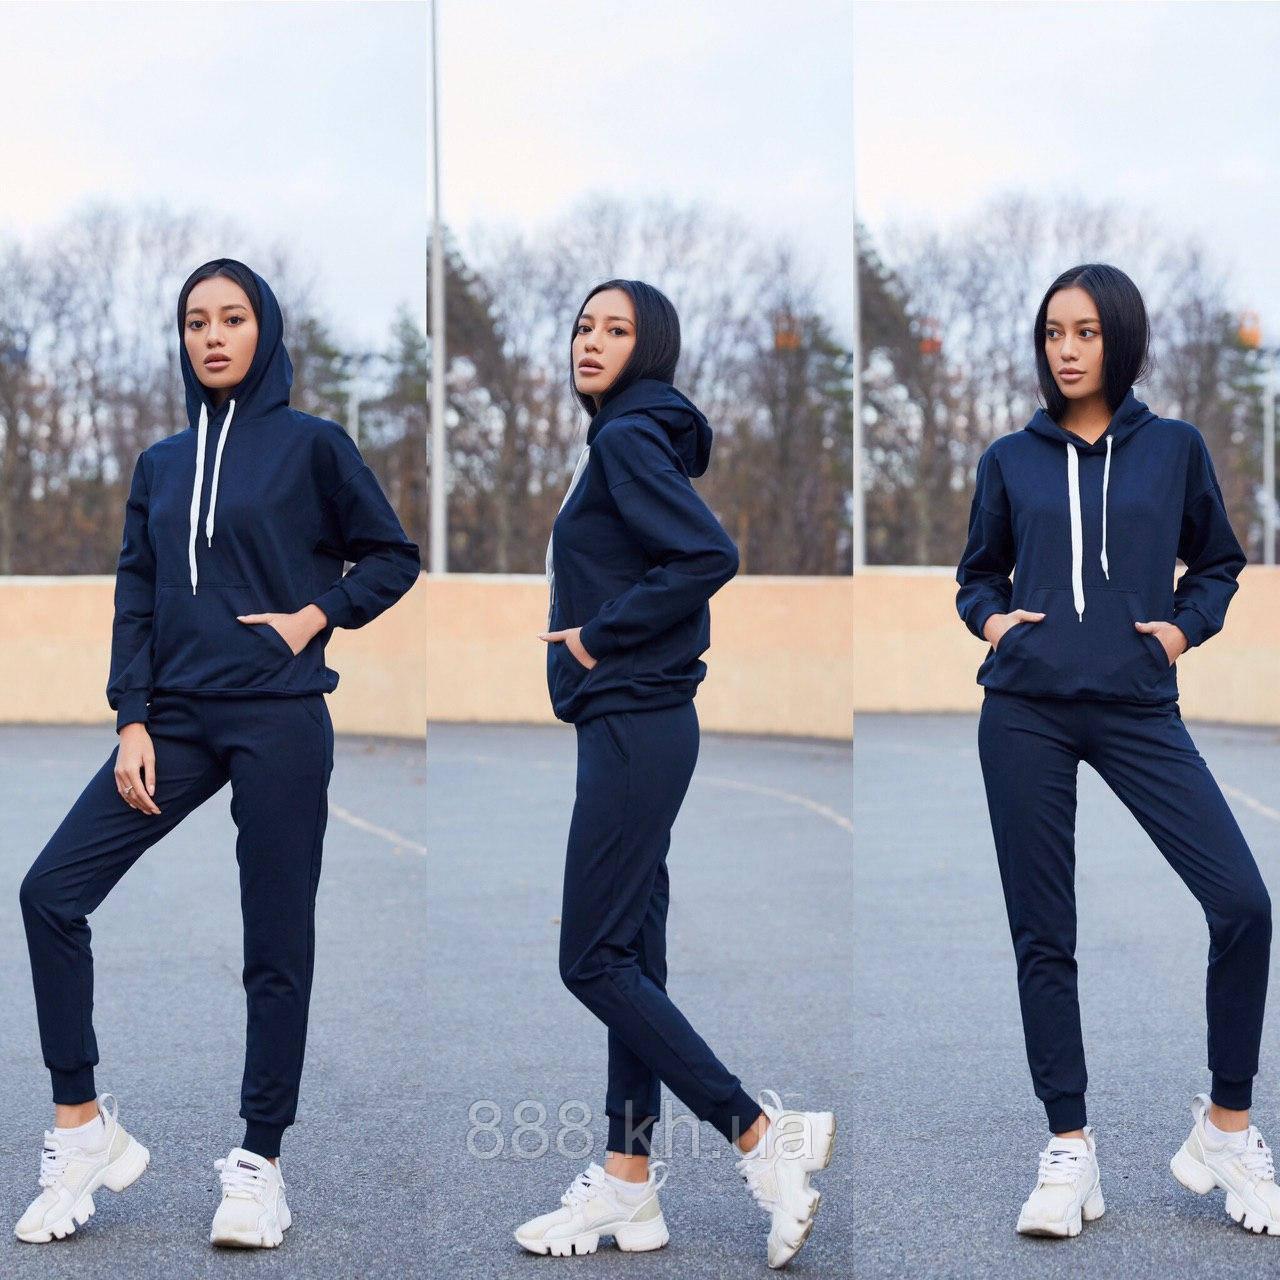 Женский спортивный костюм, костюм для прогулок S/M/L/XL (темно-синий)